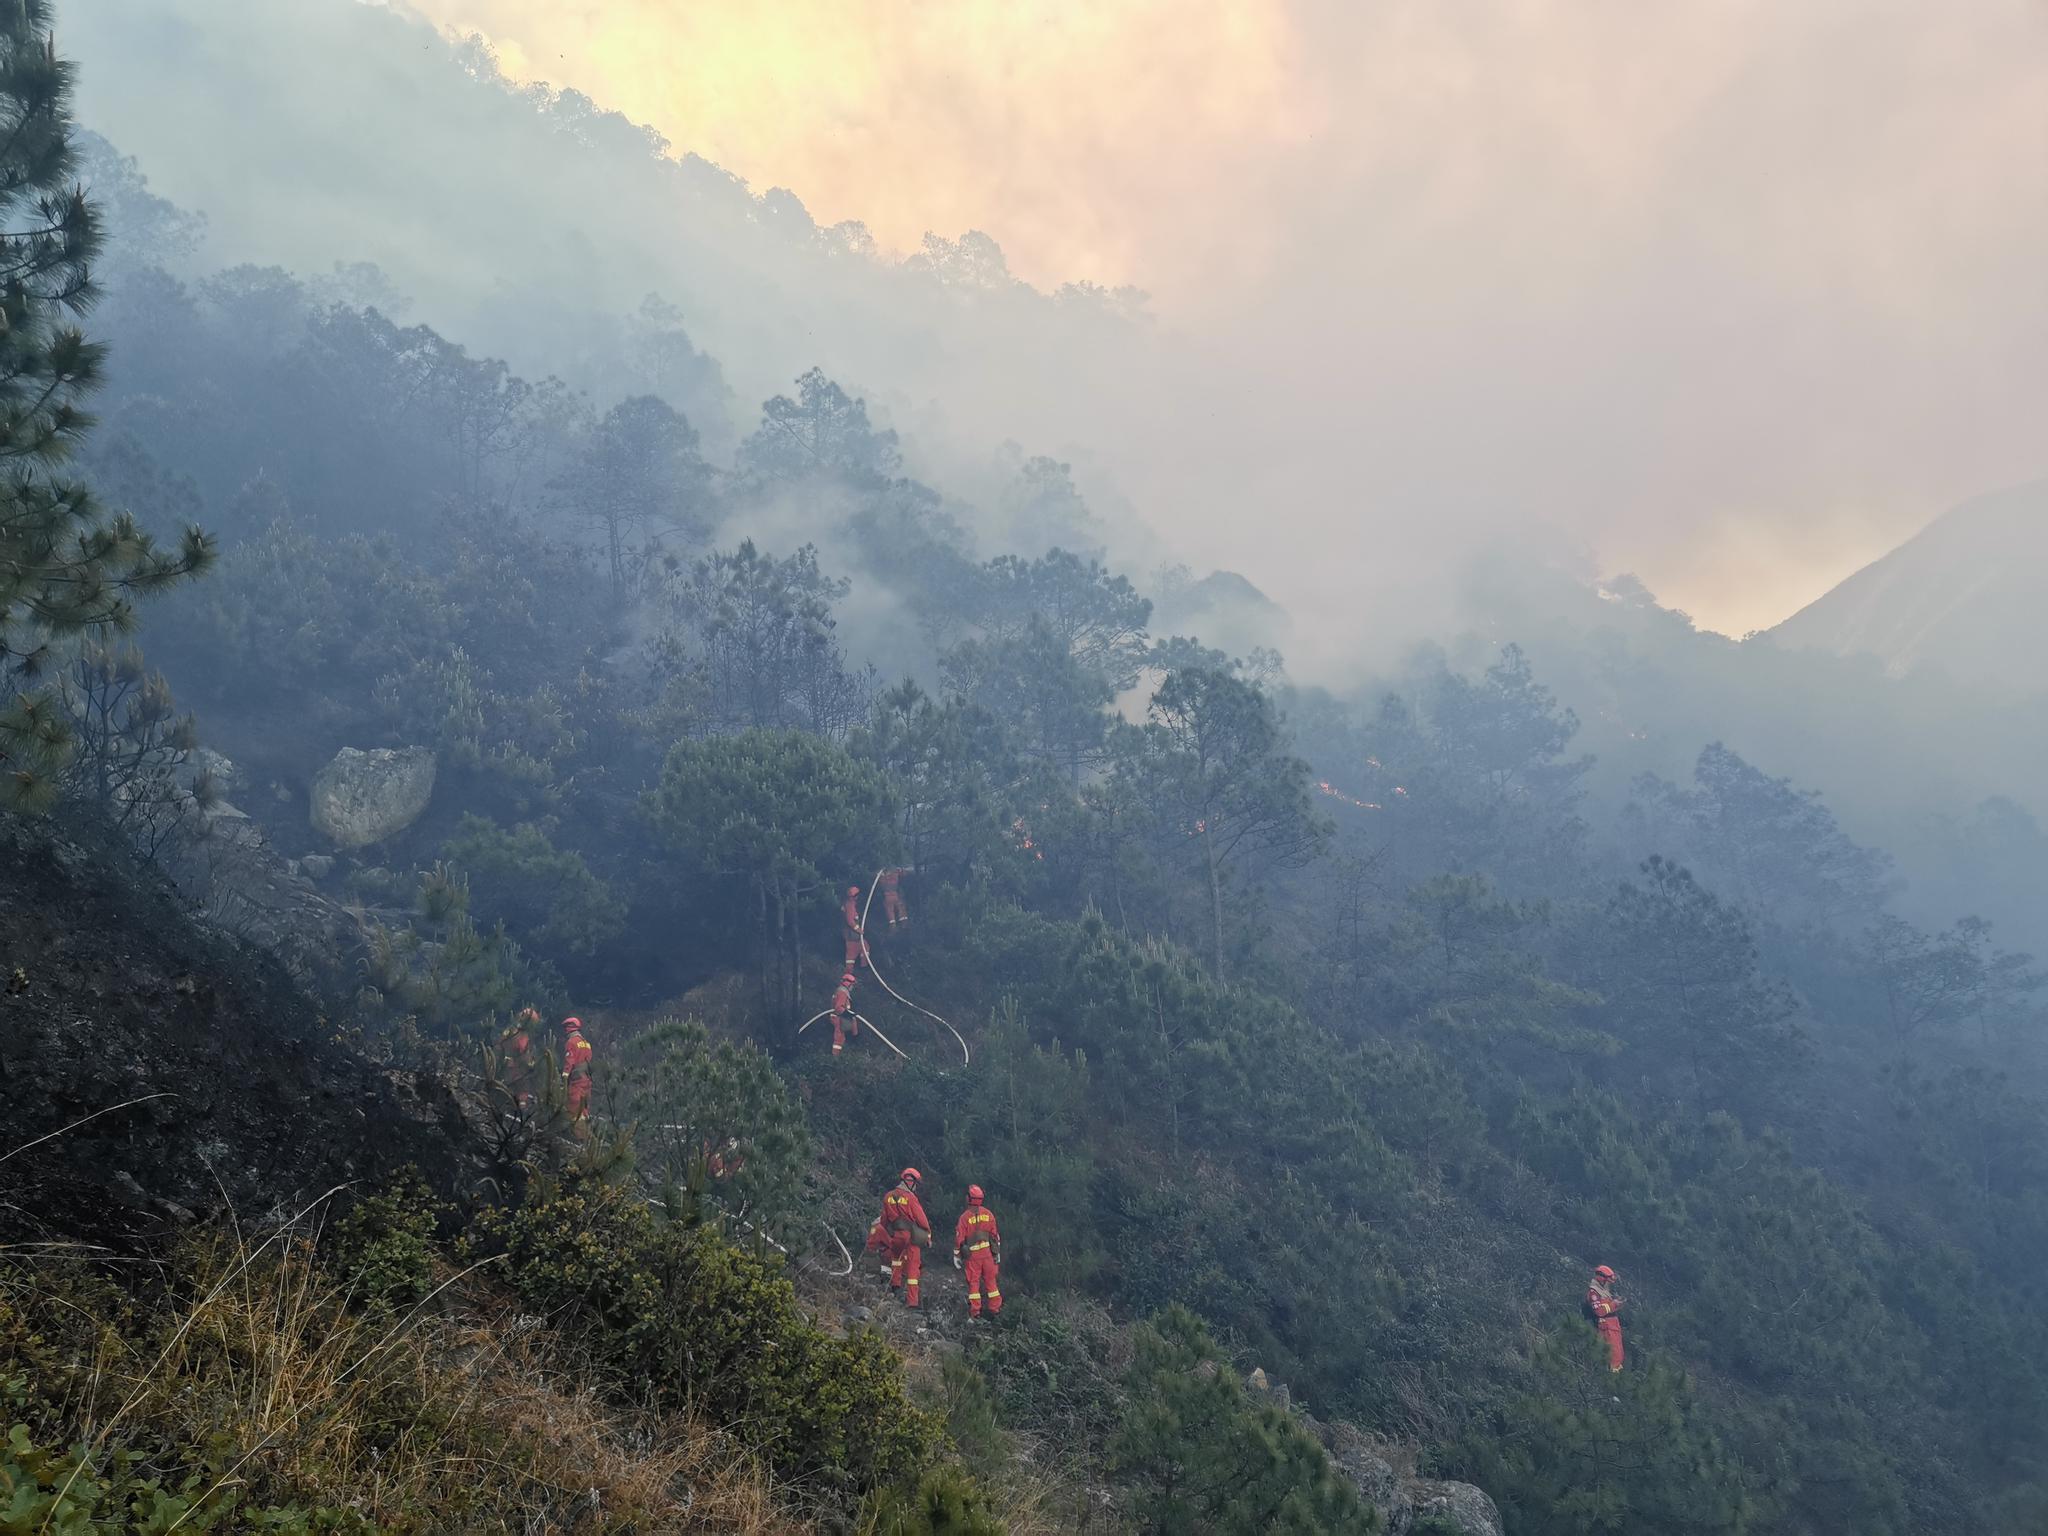 摩天注册:凉山再发山火过摩天注册火面积约21公顷图片